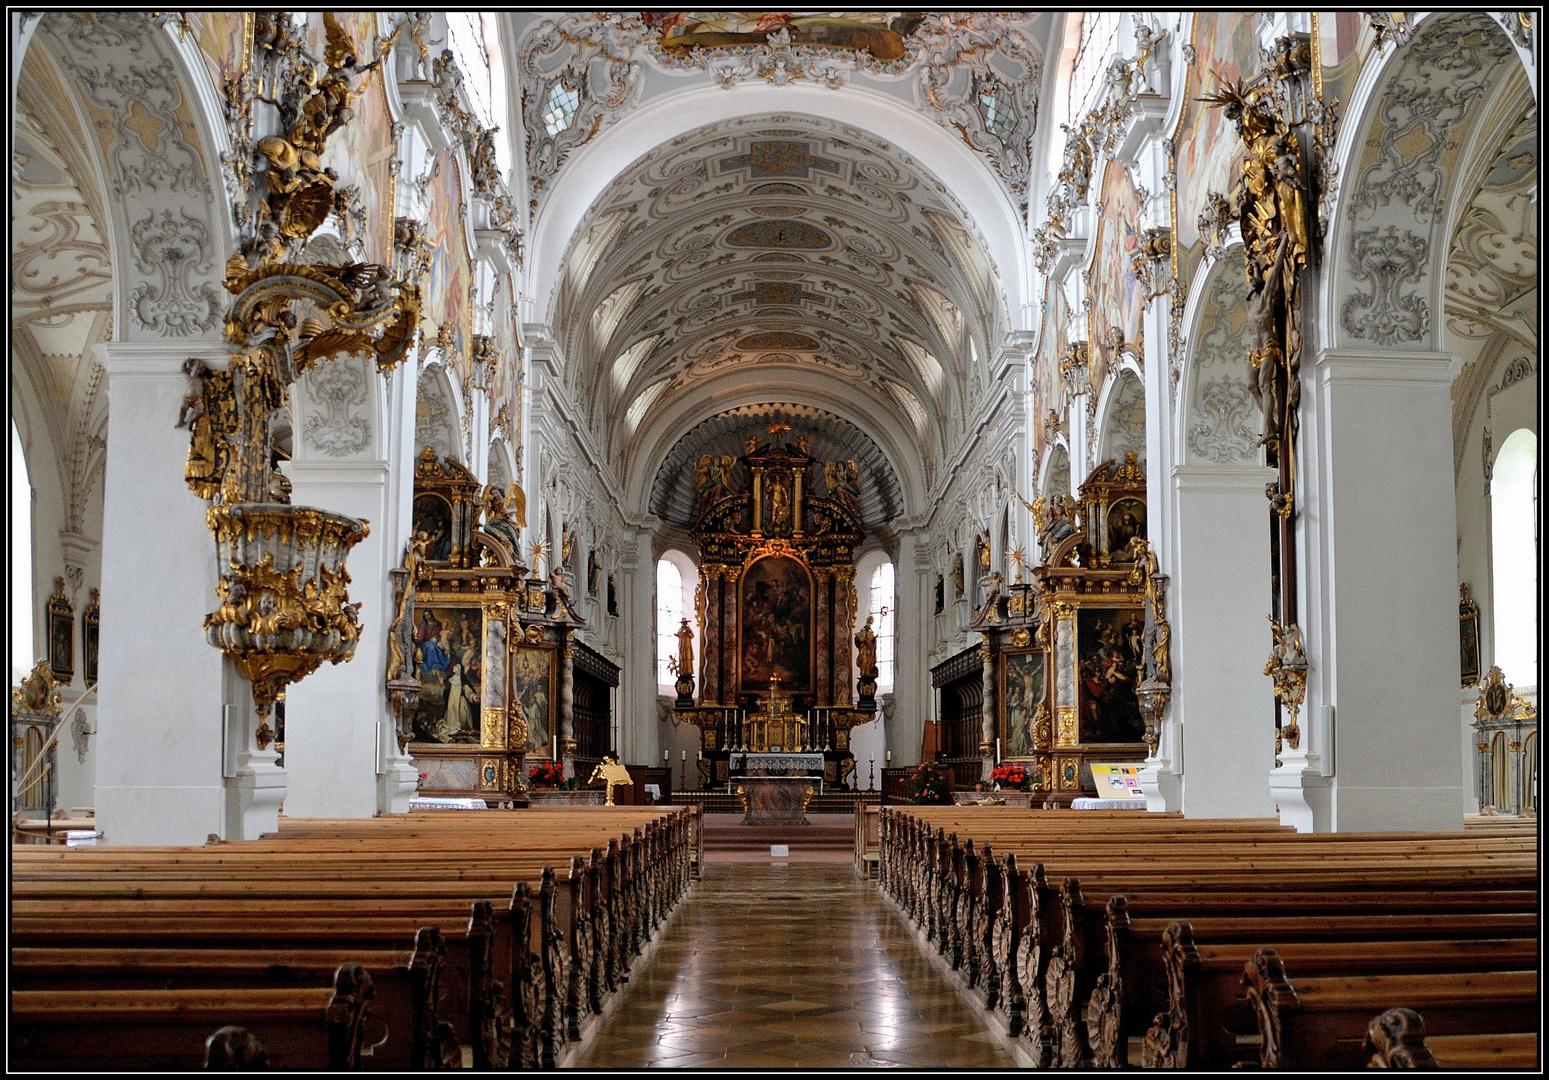 Ehem. Prämonstratenser-Kloster Steingaden